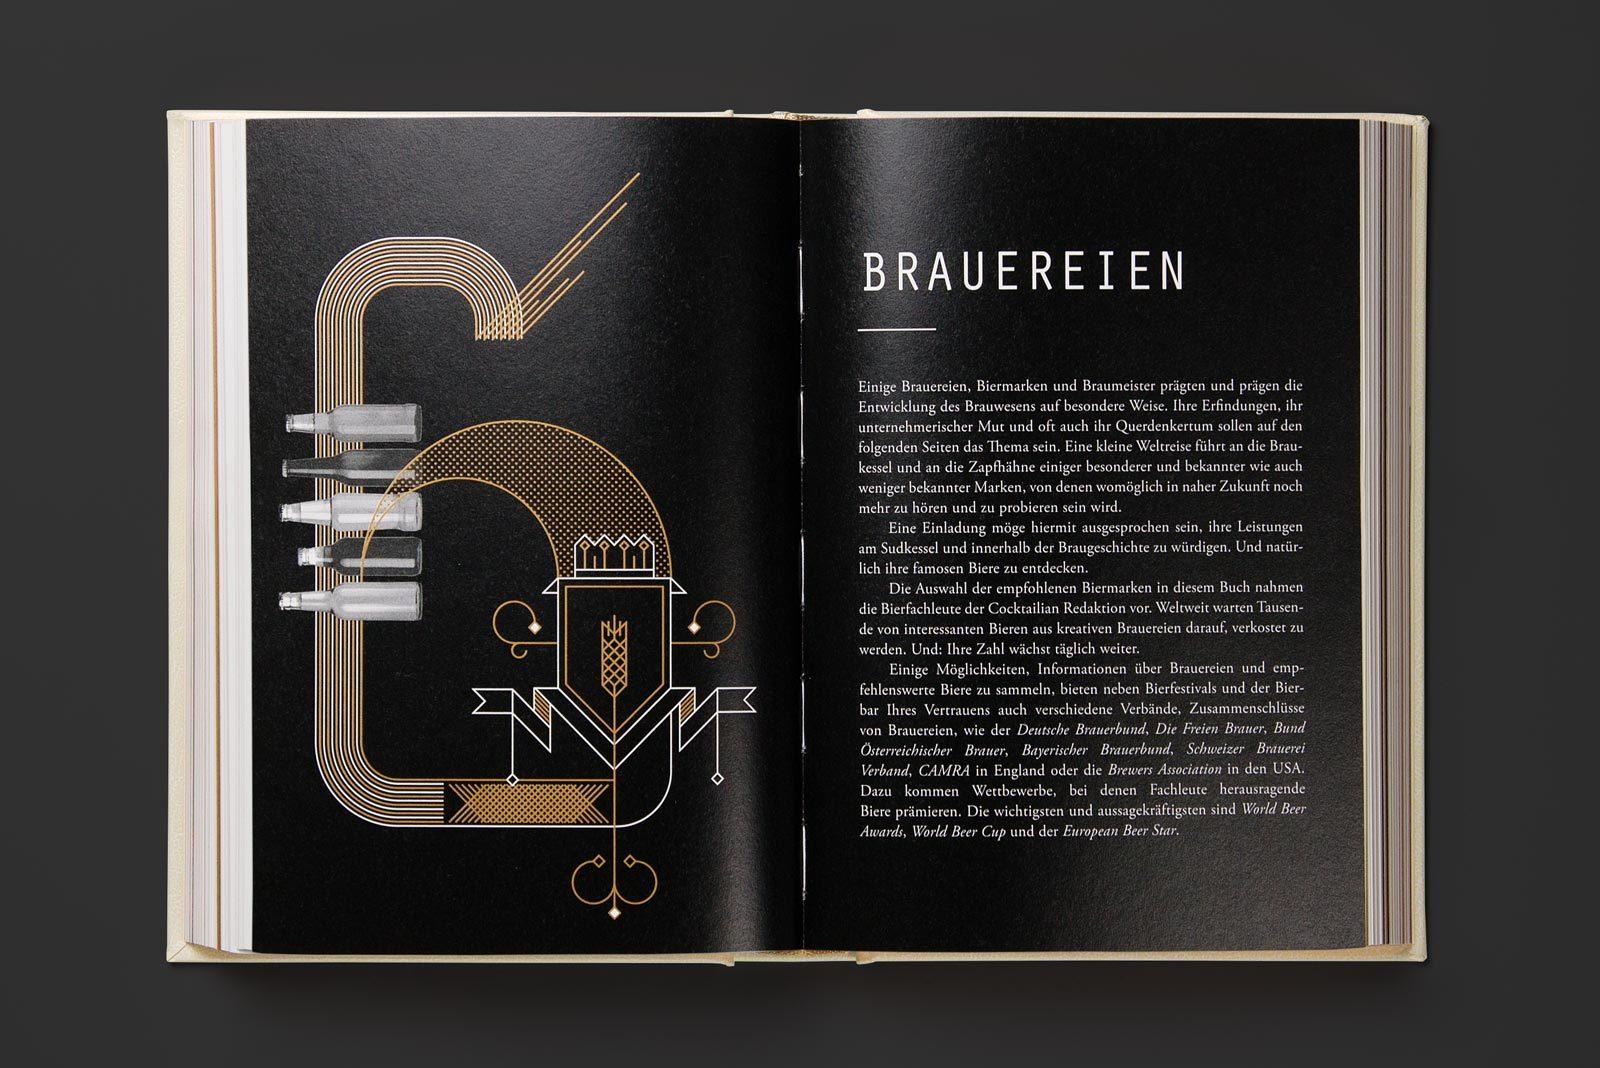 Editienne Grafikdesign - Kommunikationsdesign Berlin- Buchgestaltung Cocktailian 3- Bier&Craft 40